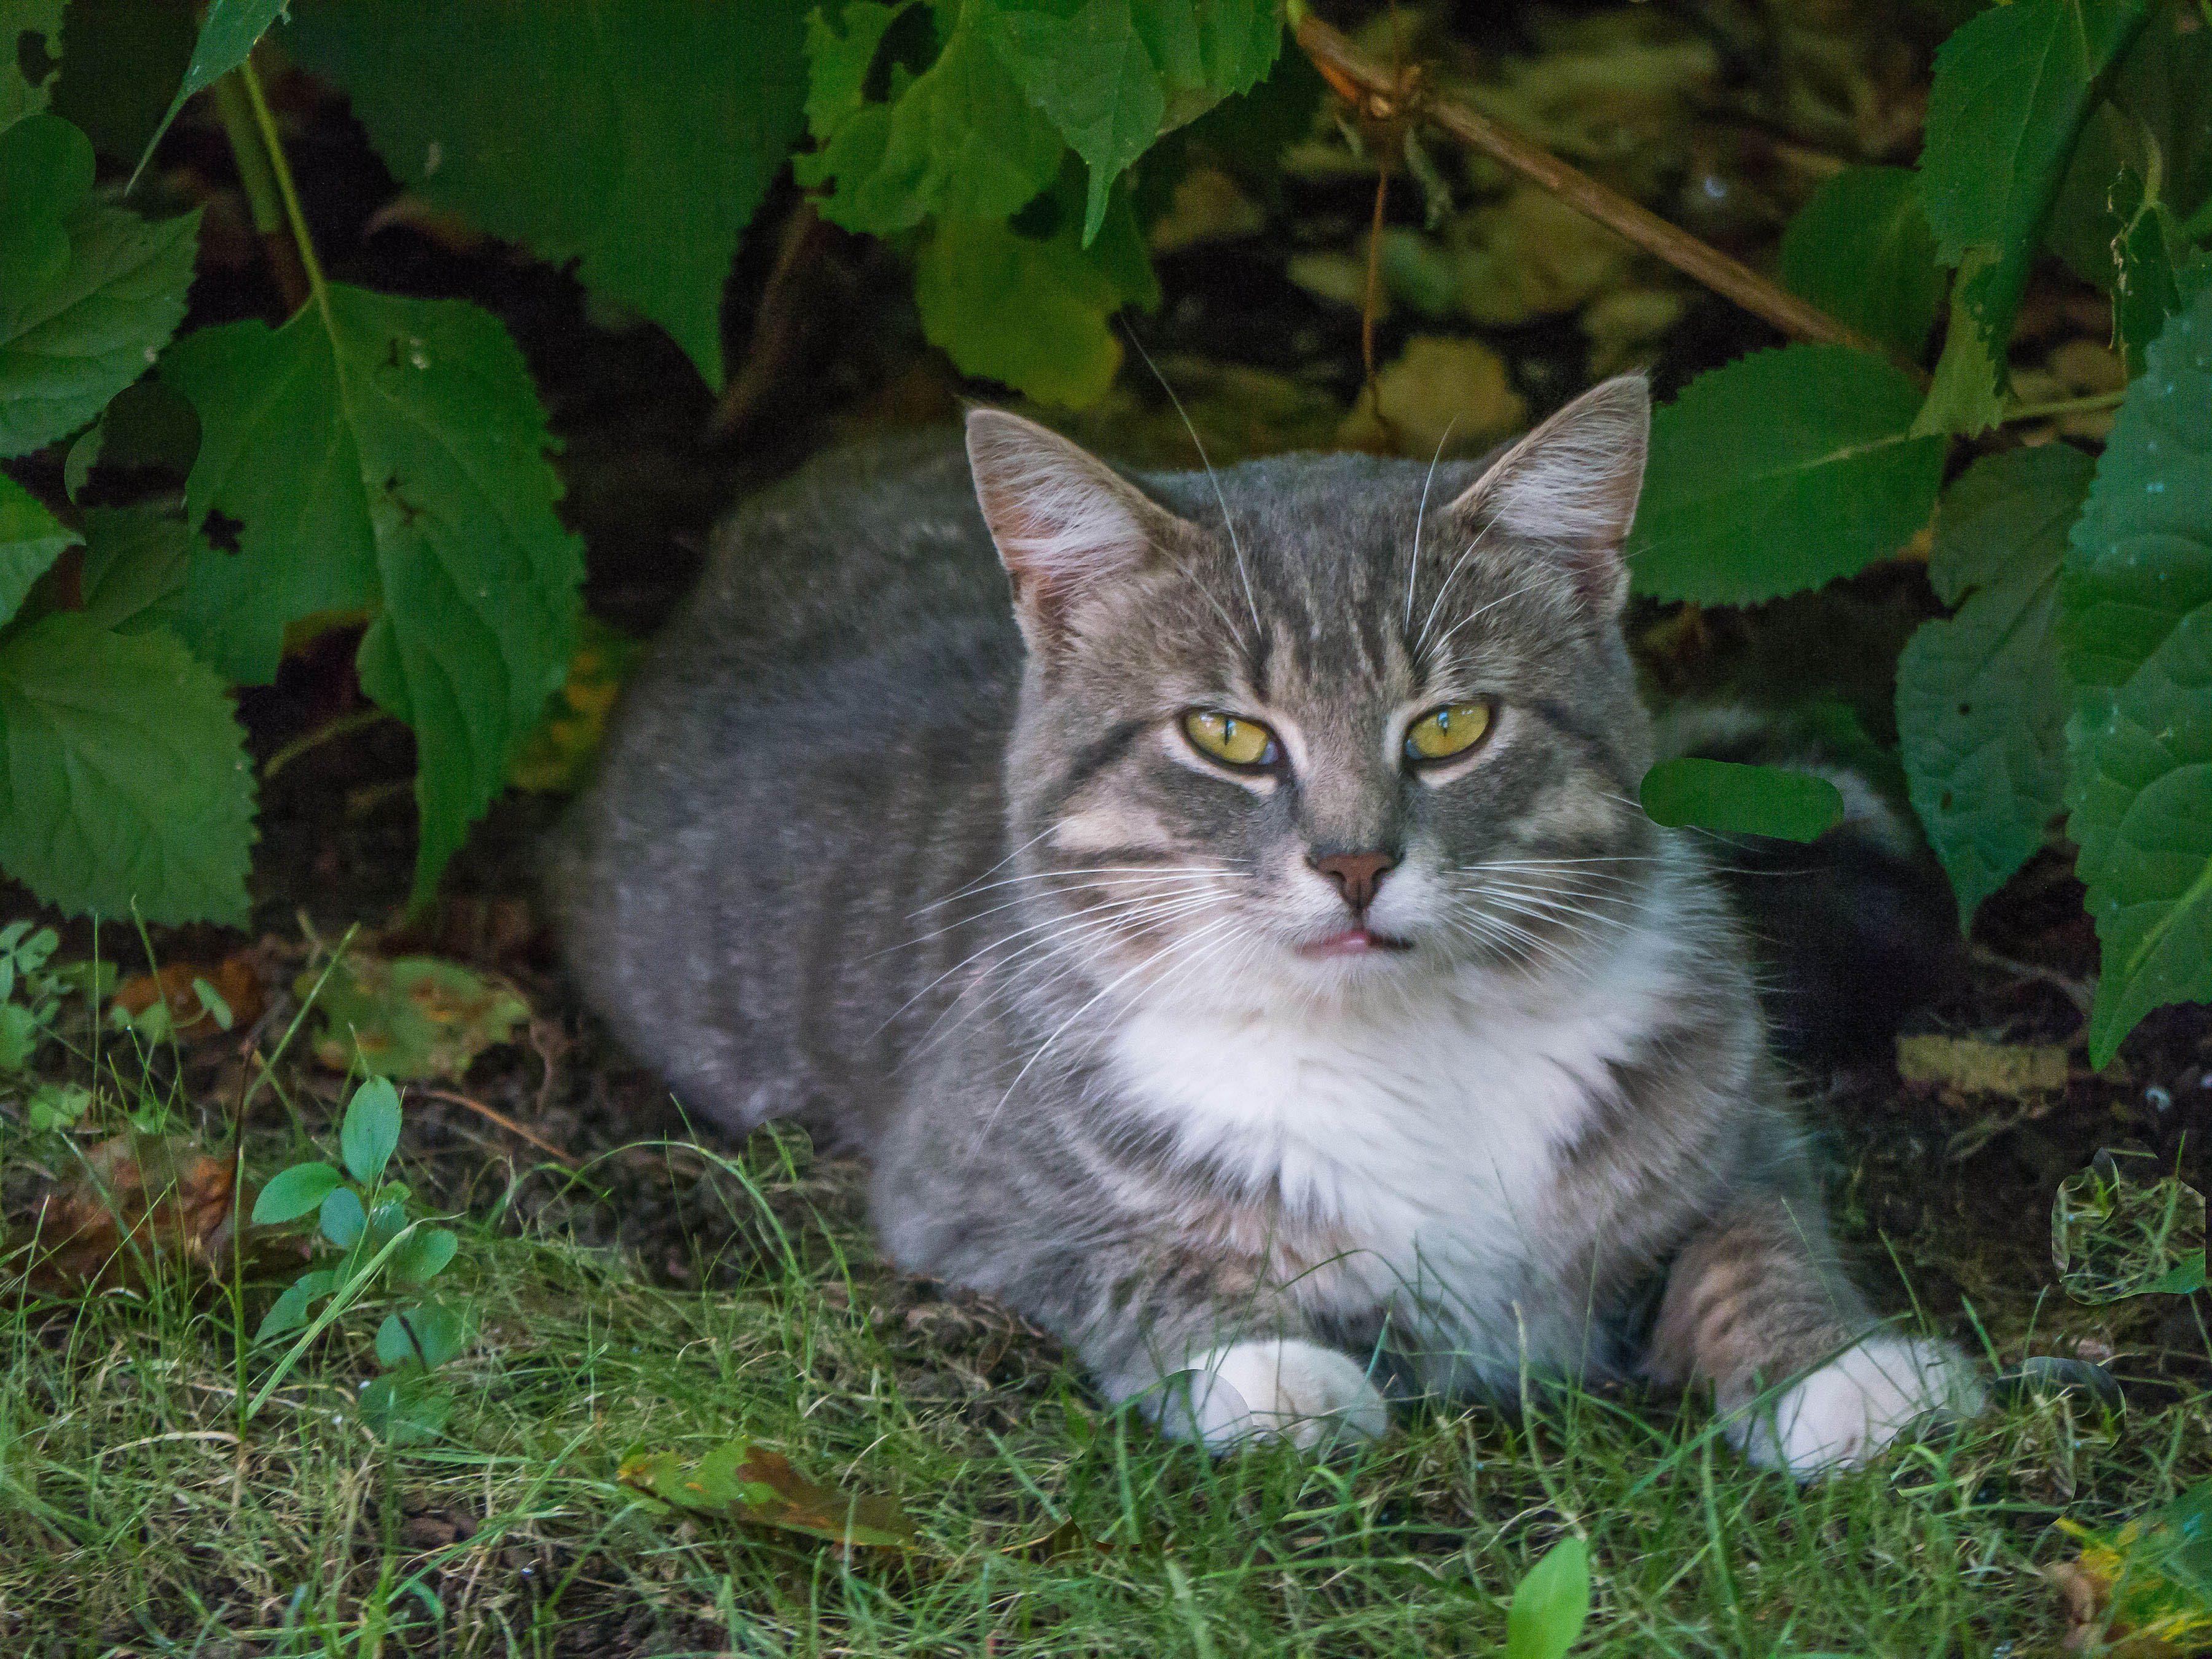 Stray cat sitting near trees